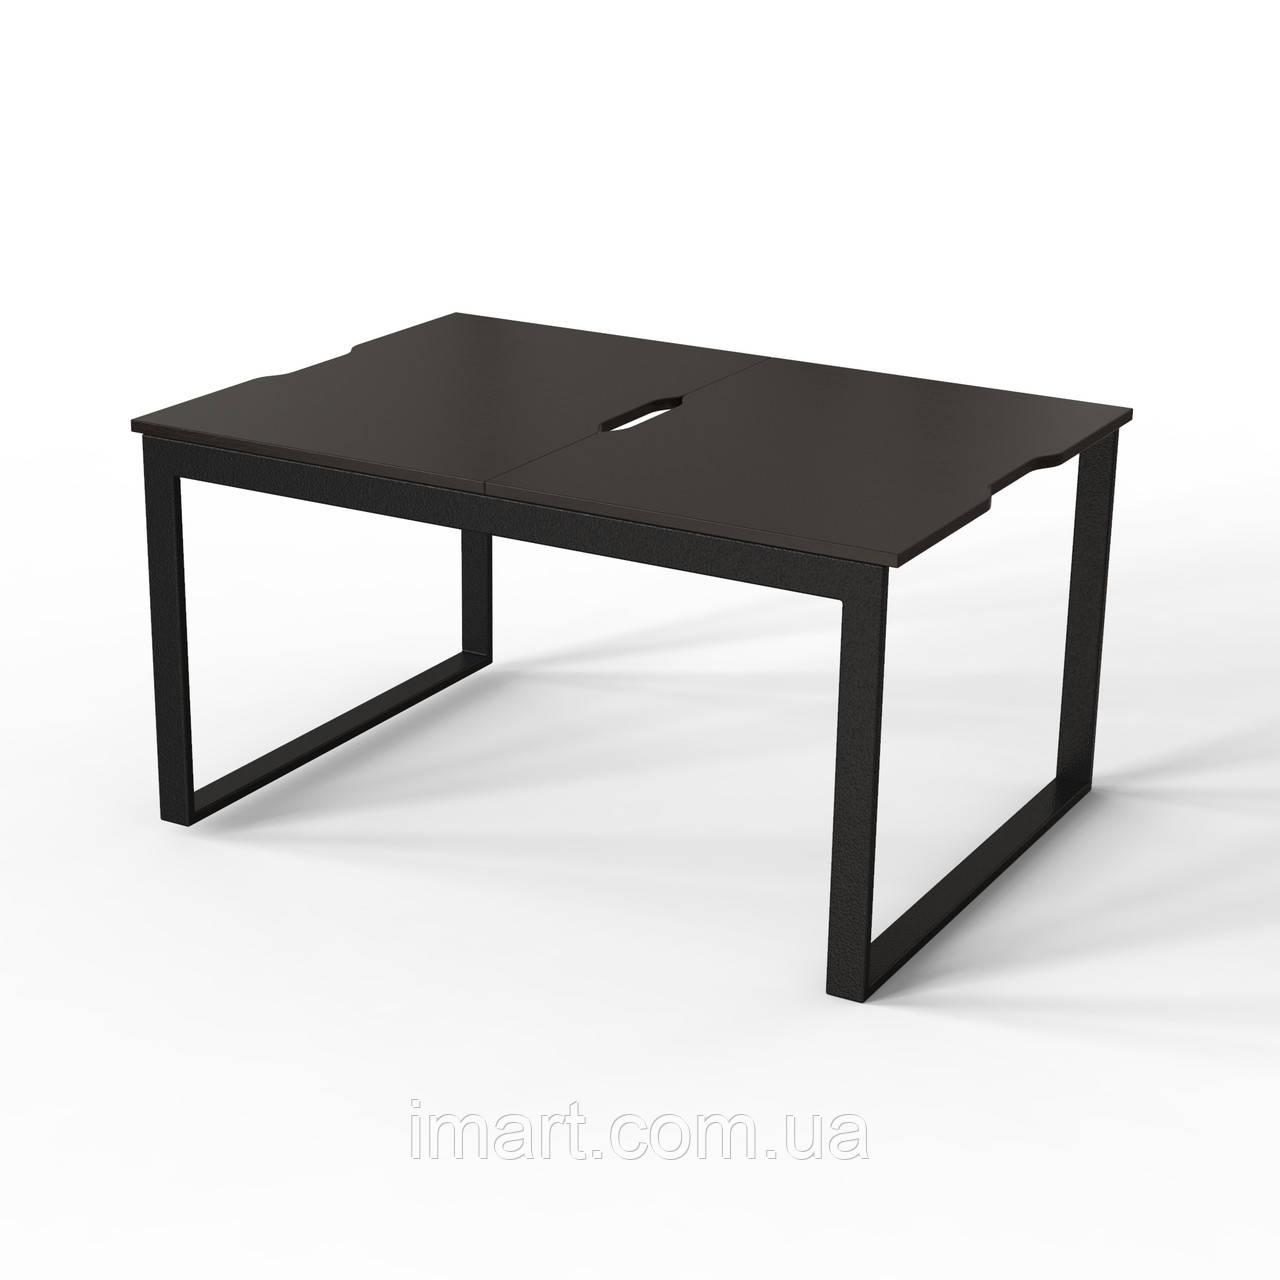 Журнальний стіл Fiji Combo Чорний/Венге